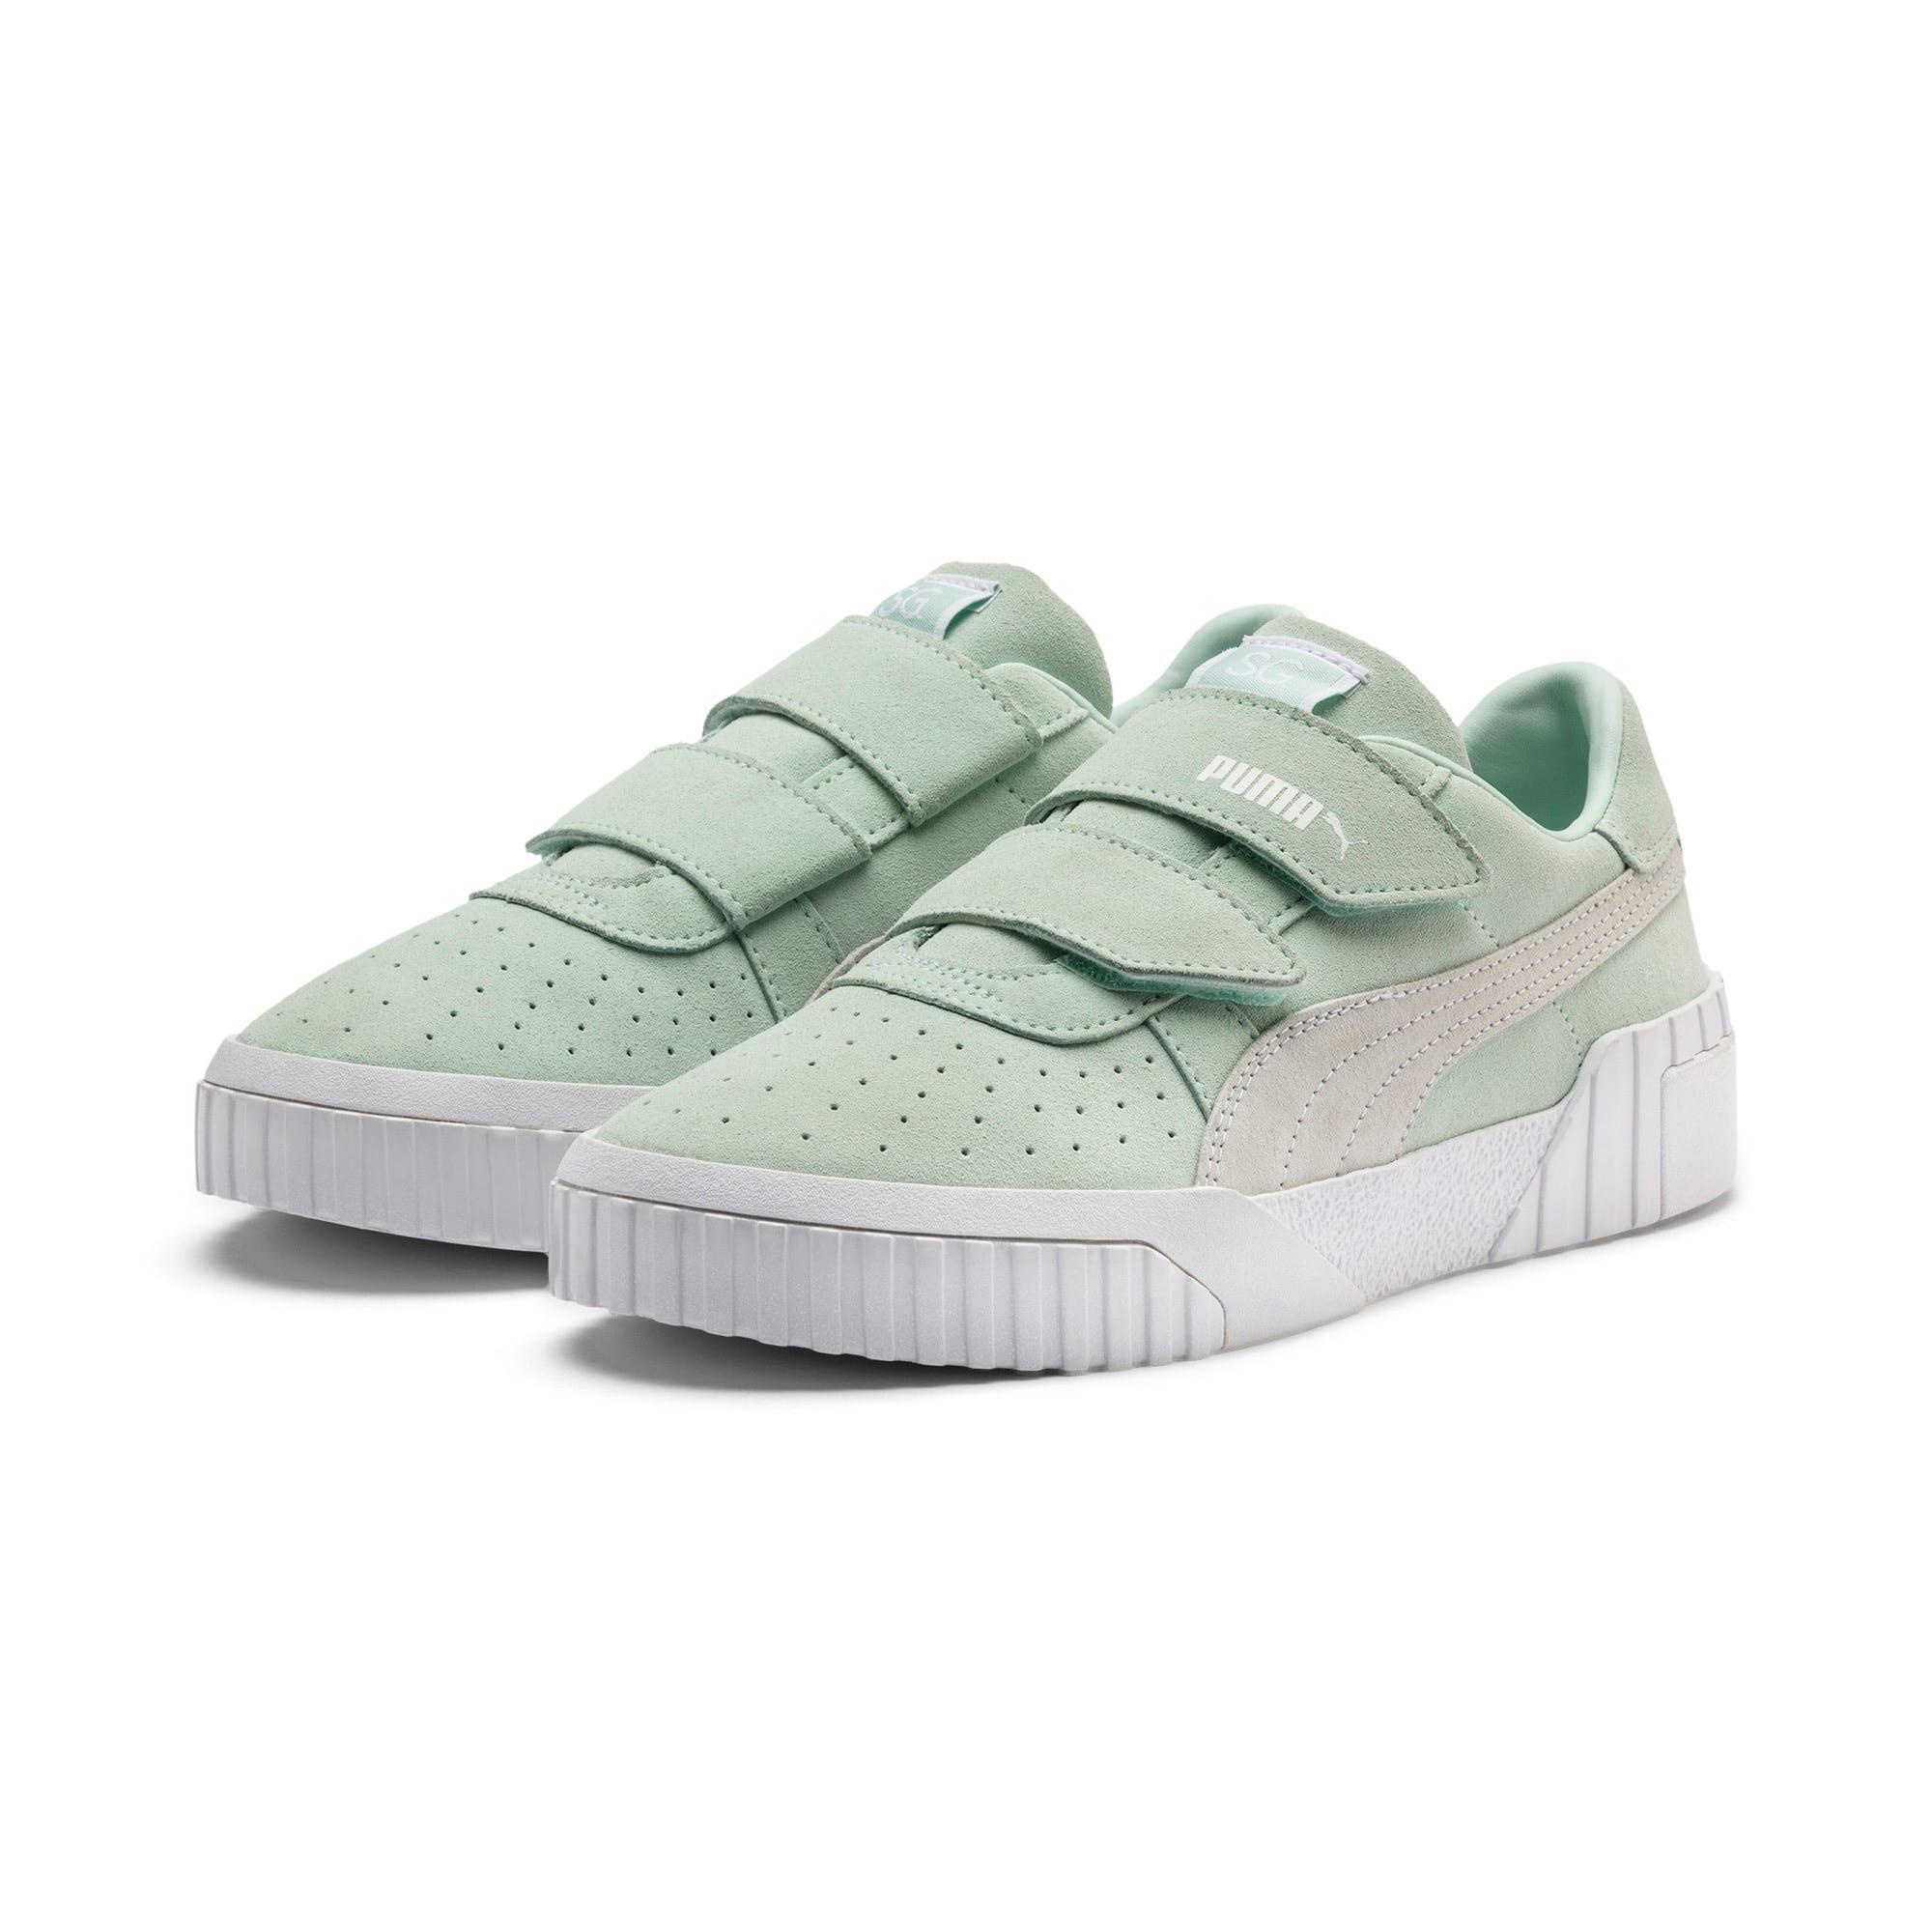 Thumbnail 3 of SG x Cali Suede Women's Sneakers, Fair Aqua-Puma White, medium